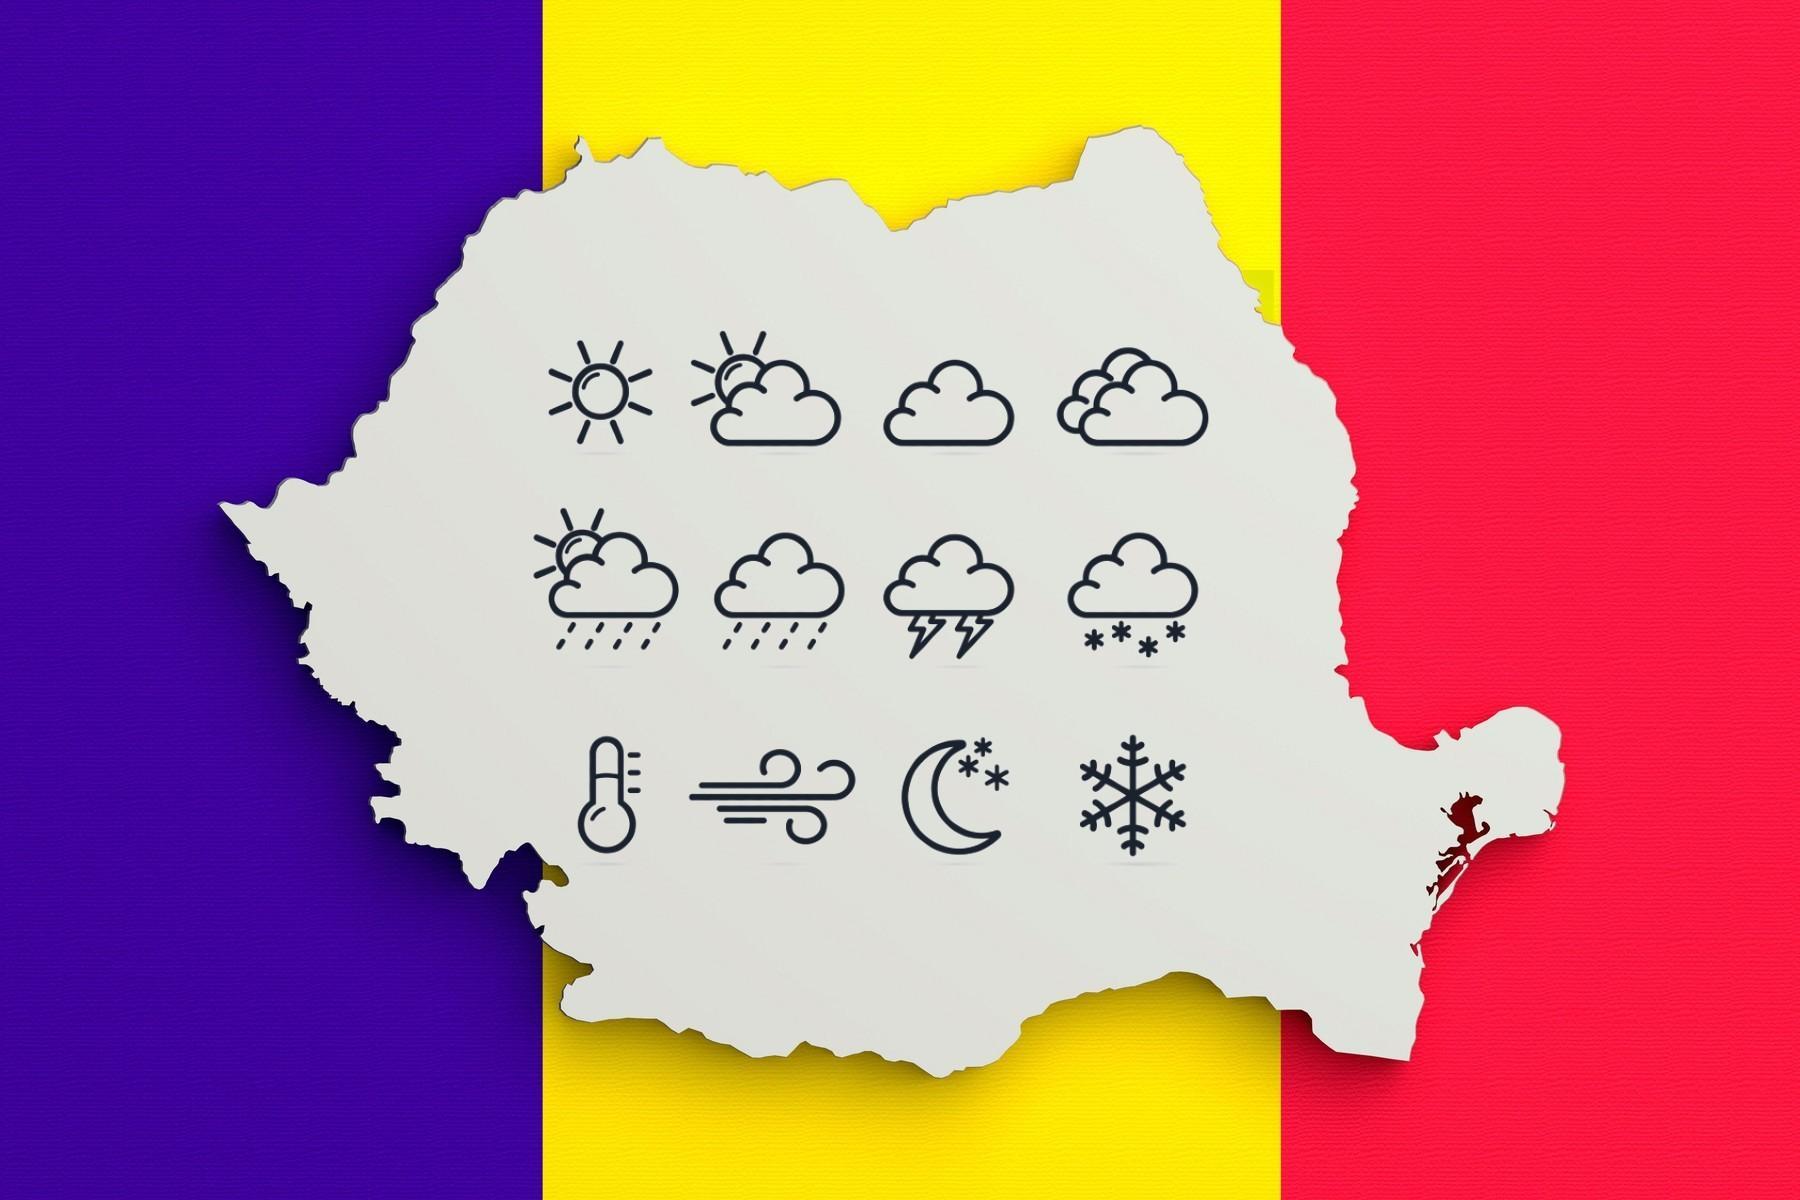 Prognoza Meteo, 19 iulie 2021. Cum va fi vremea în România și care sunt previziunile ANM pentru astăzi